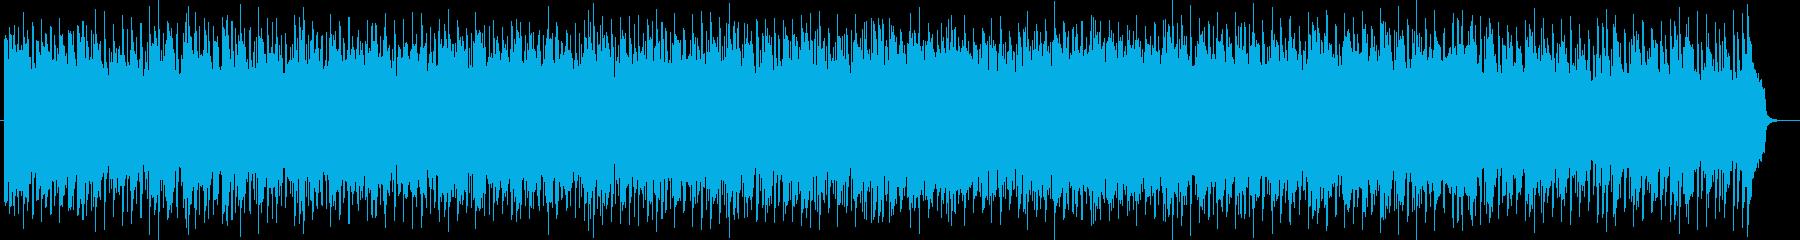 軽快でコミカルなミュージックの再生済みの波形